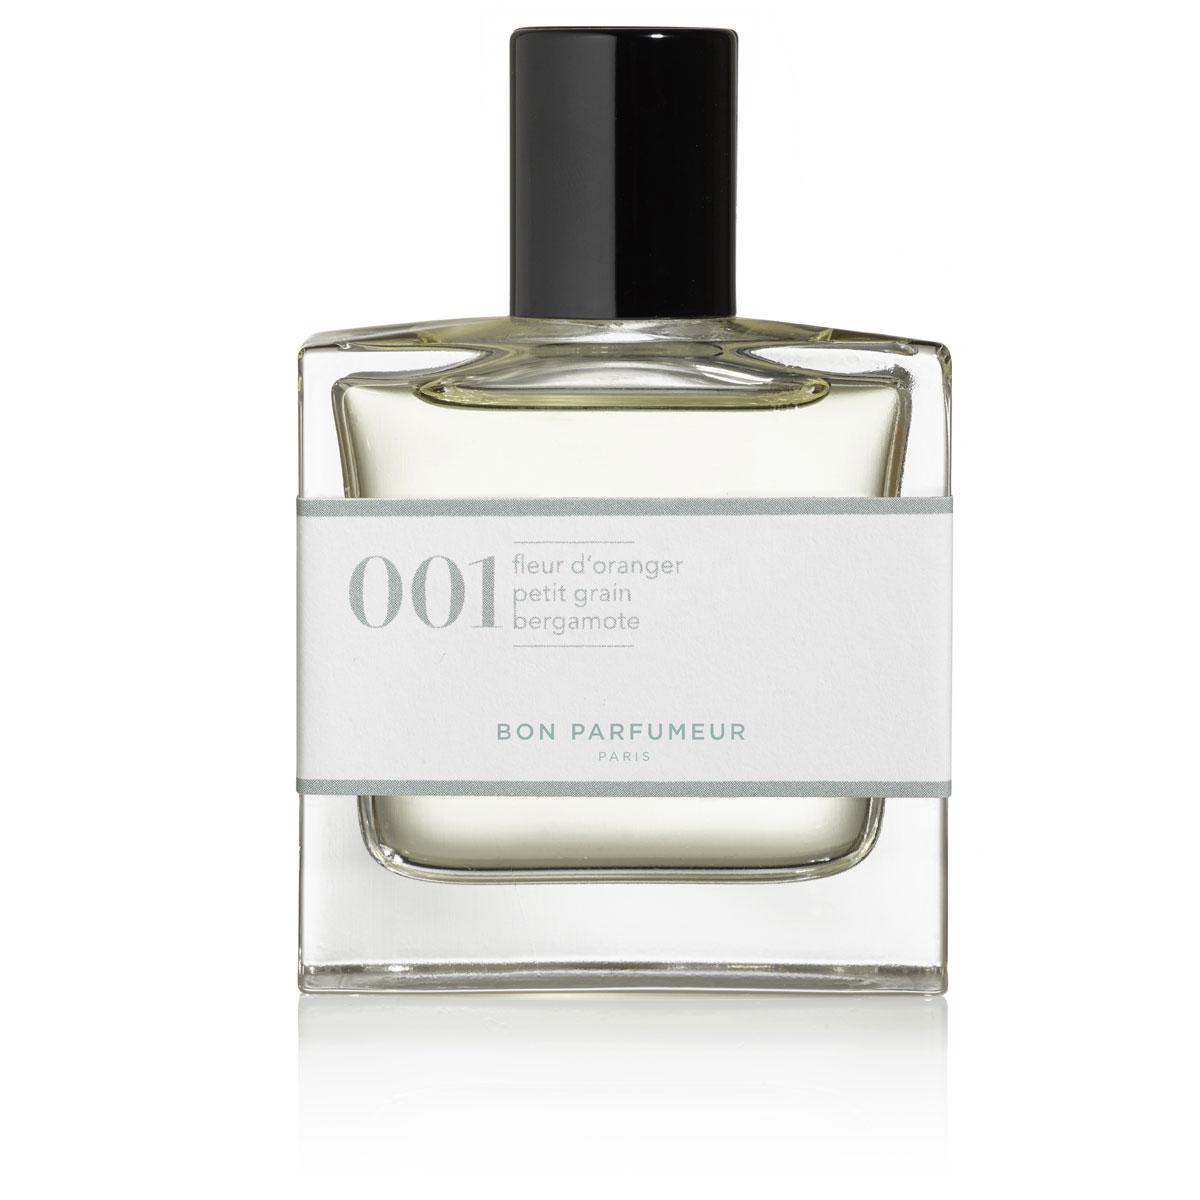 Eau de Parfum 001